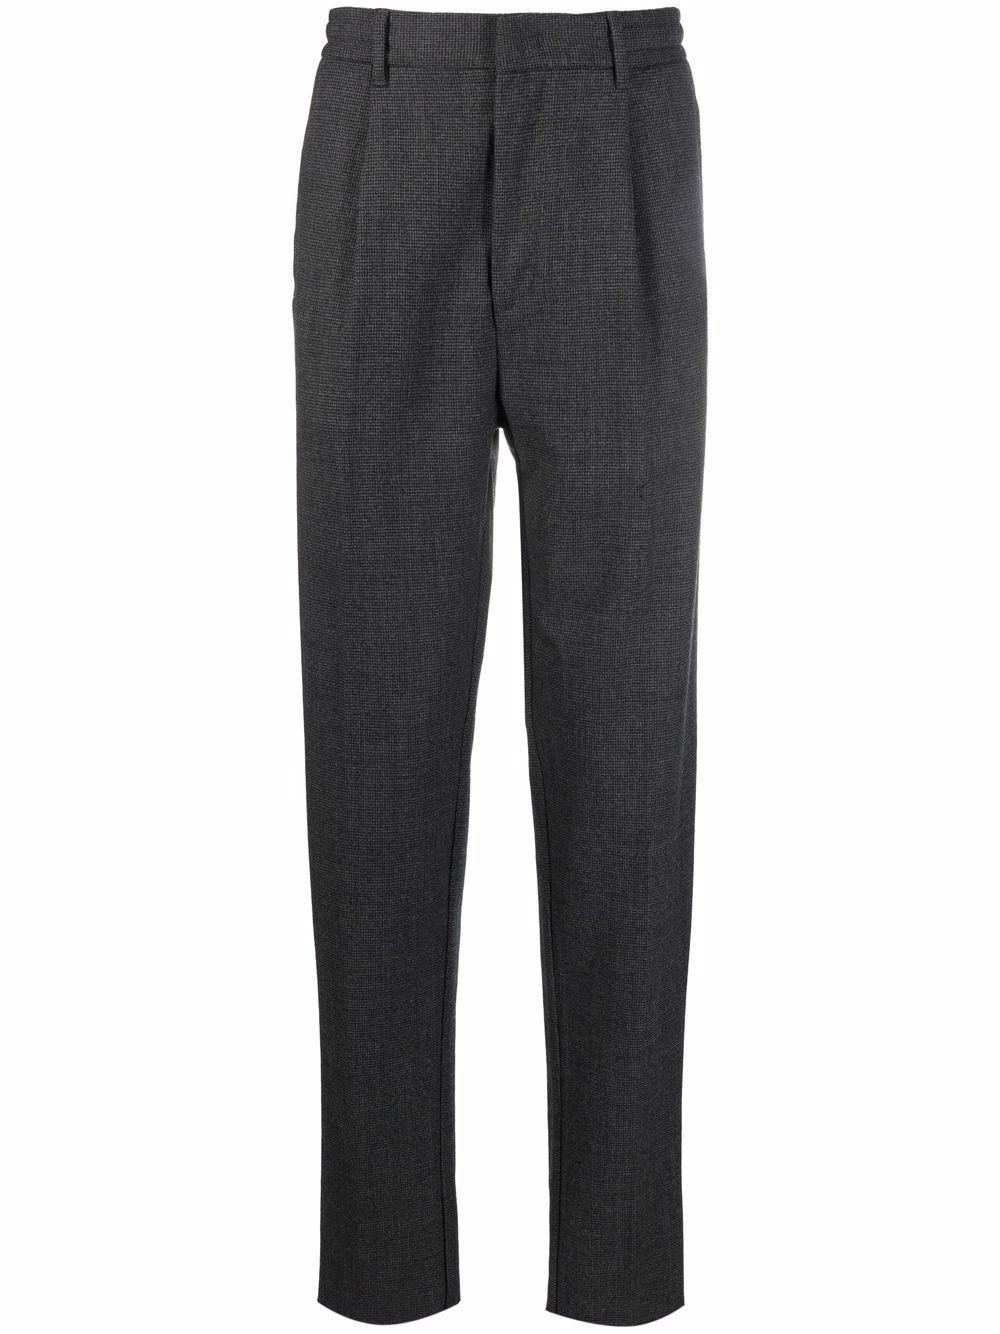 pantalone stretto in cotone grigio a vita media ALTEA | Pantaloni | 216301989